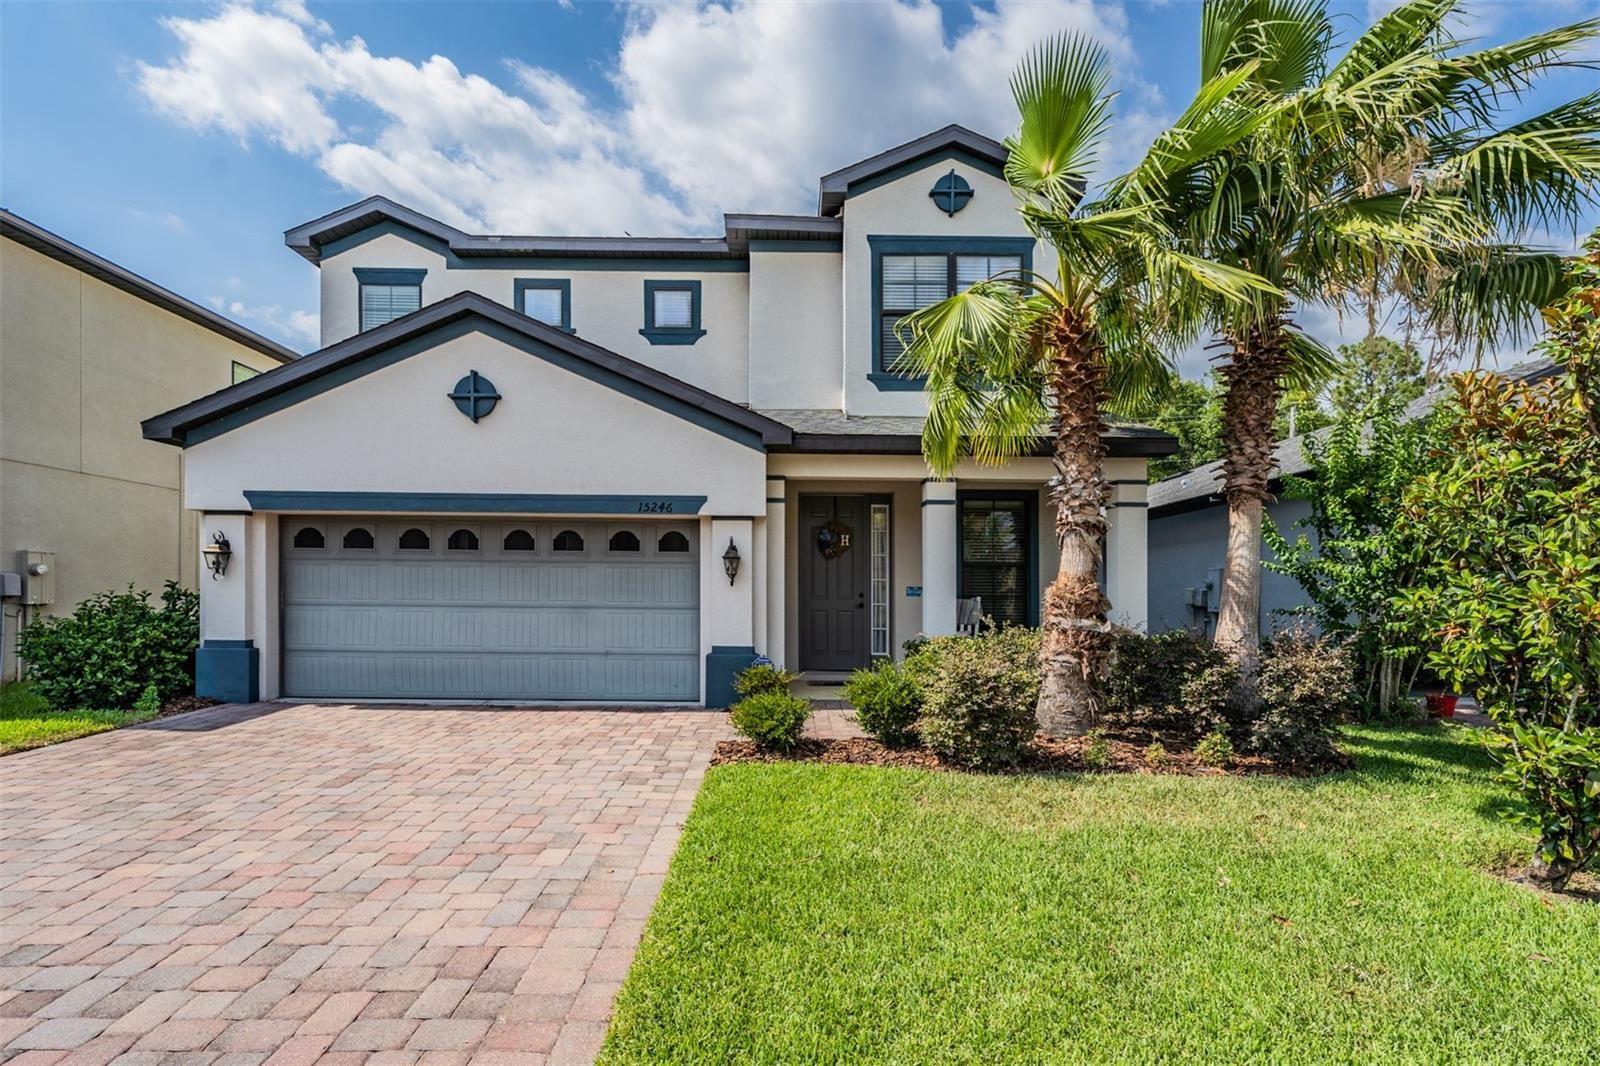 15246 ANGUILLA ISLE AVENUE, Tampa, FL 33647 - MLS#: U8125333